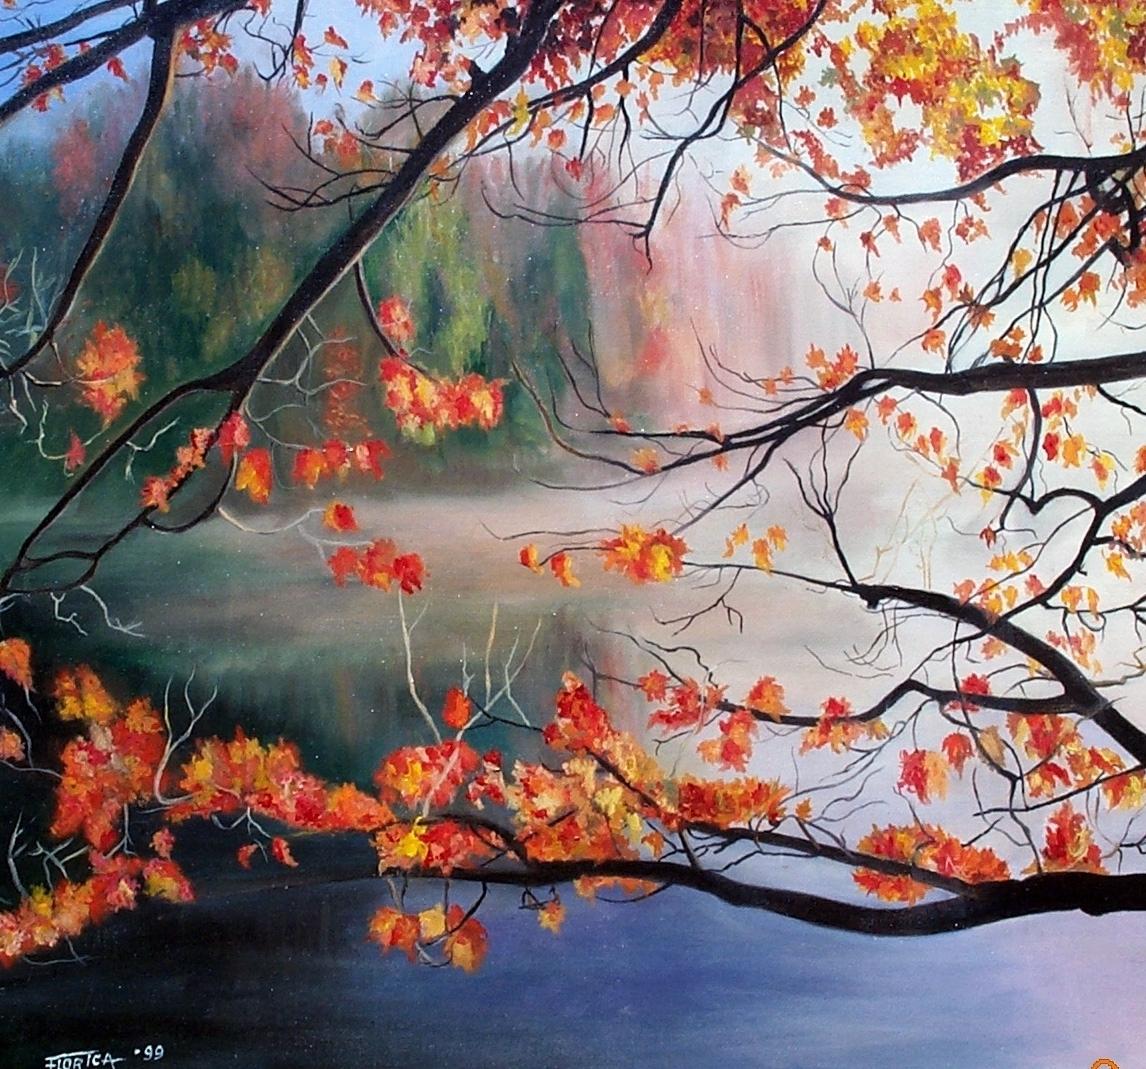 24_Autumn_morning_mist_24x24_1999